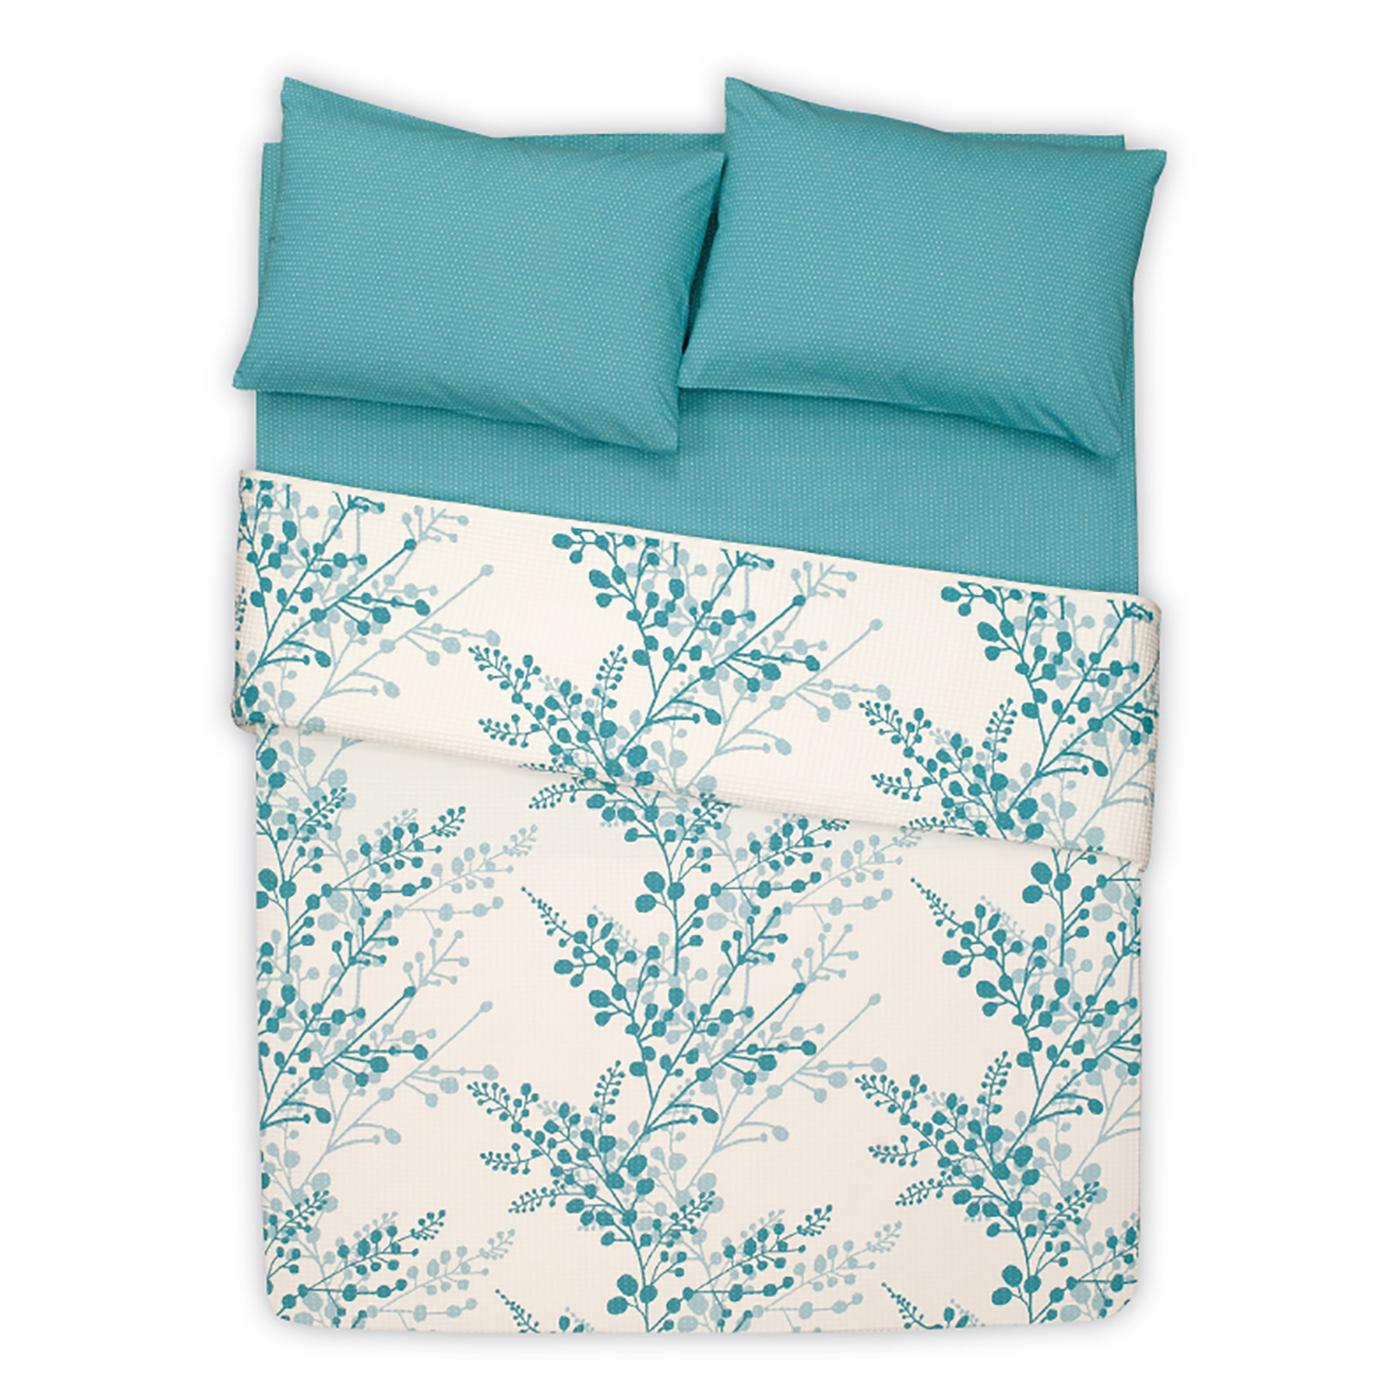 Купить Комплект постельного белья Twings Turquoise Euro, inmyroom, Турция